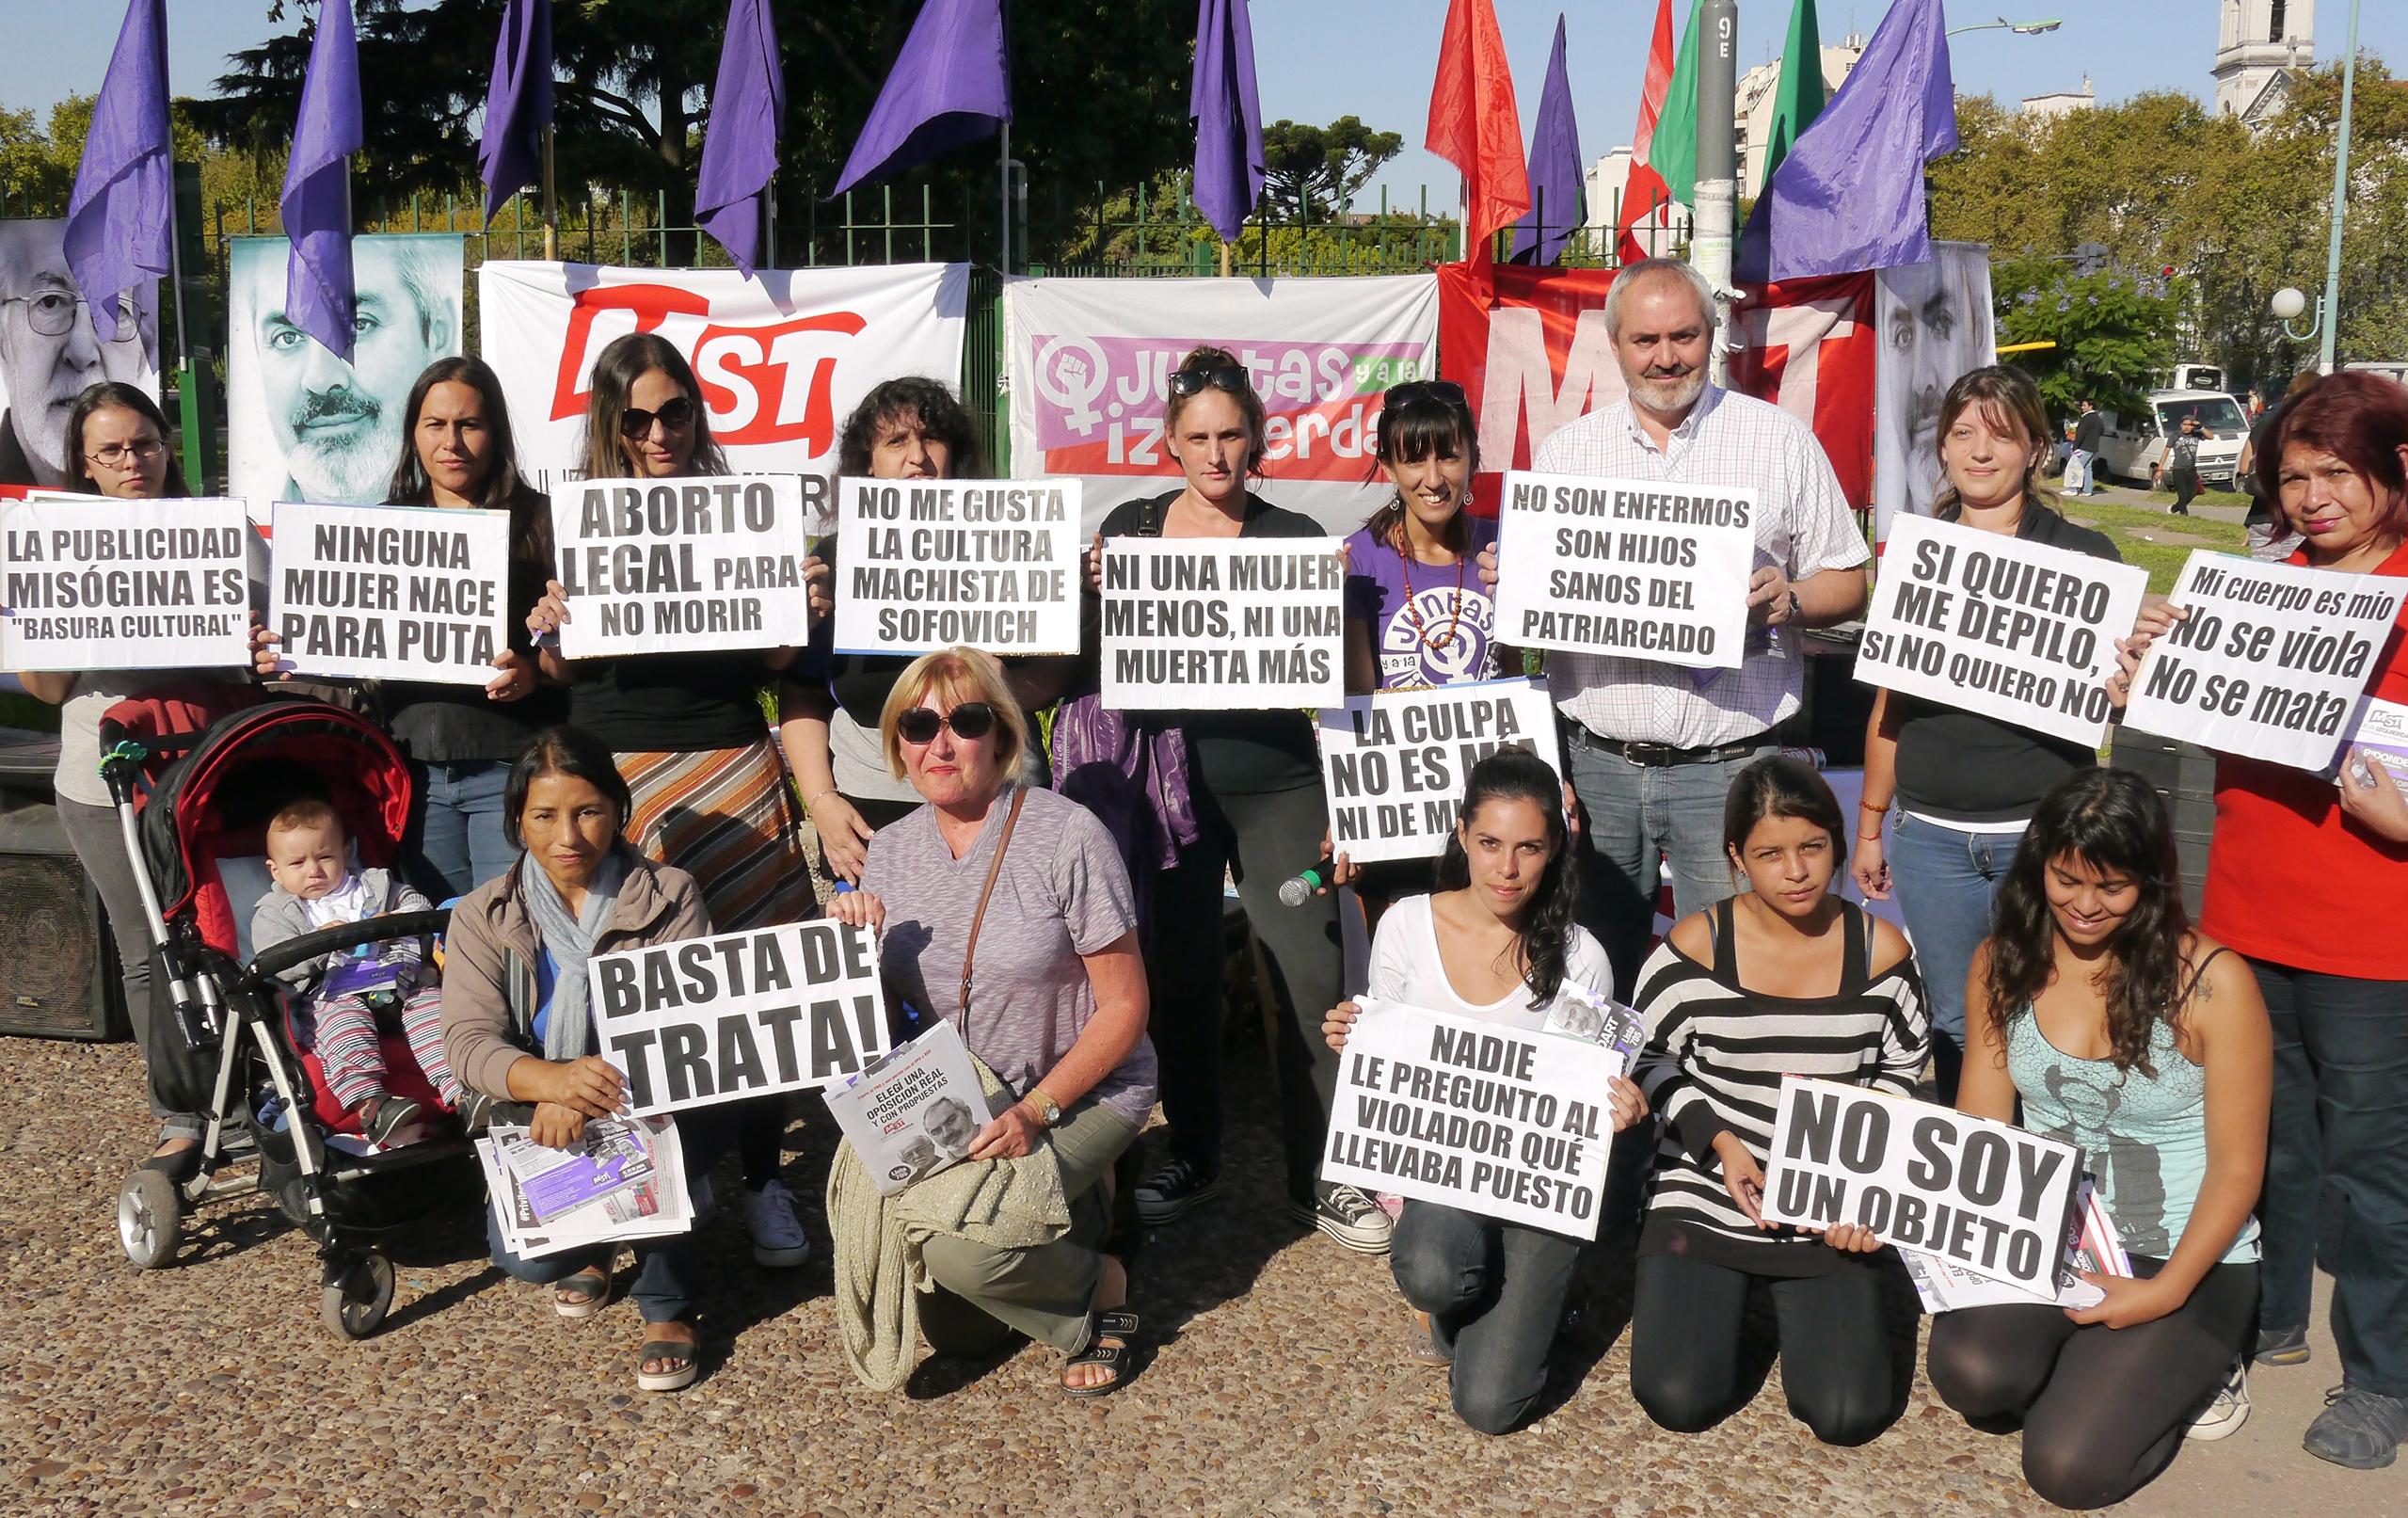 Esta tarde en el marco de la jornada contra la violencia a las mujeres que organiza el mst nueva izquierda en los principales parques de la ciudad